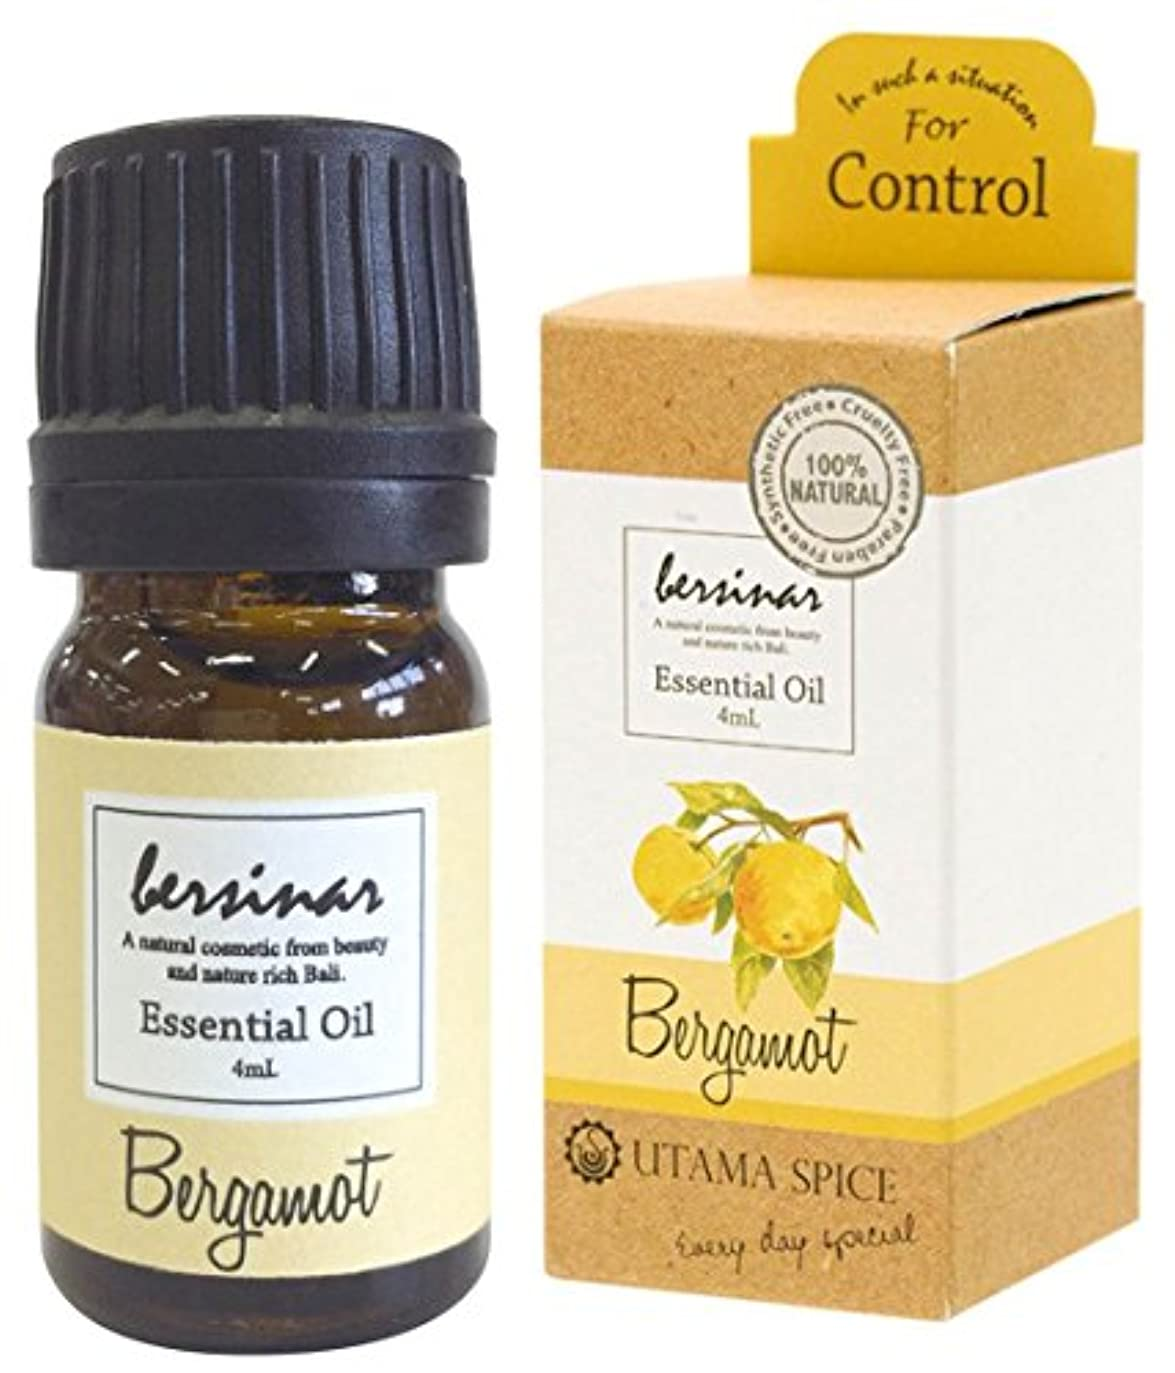 ノーブル転送ピークウタマスパイス アロマオイル ベルシナル ベルガモットの香り 4ml OE-UTO-1-6